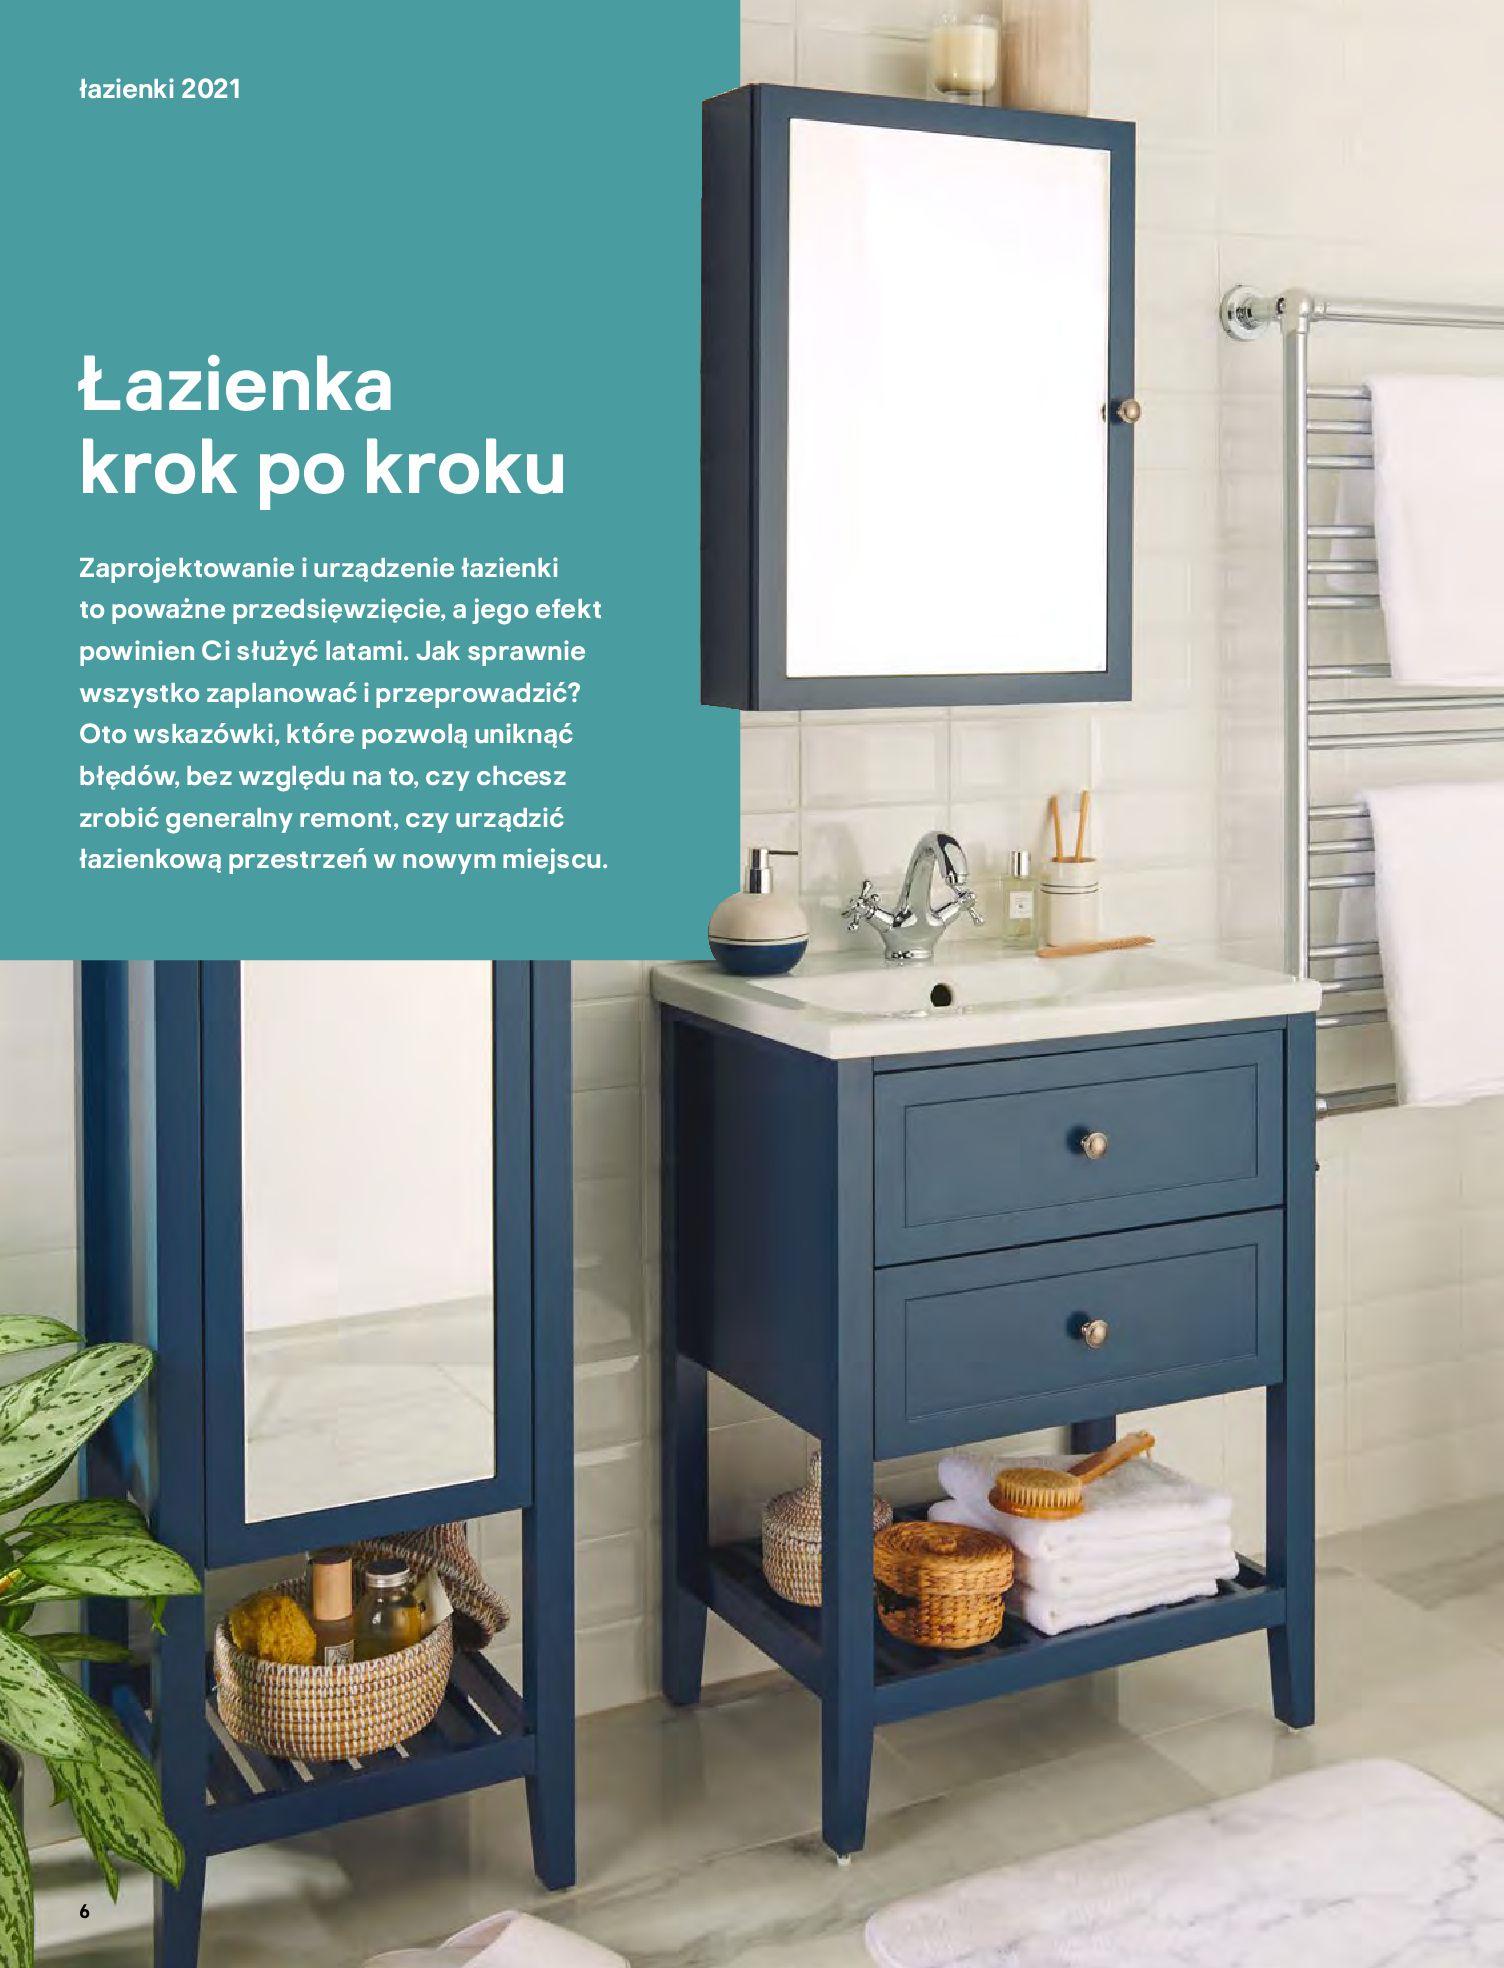 Gazetka Castorama: Gazetka Castorama - katalog łazienki 2021 2021-06-16 page-6